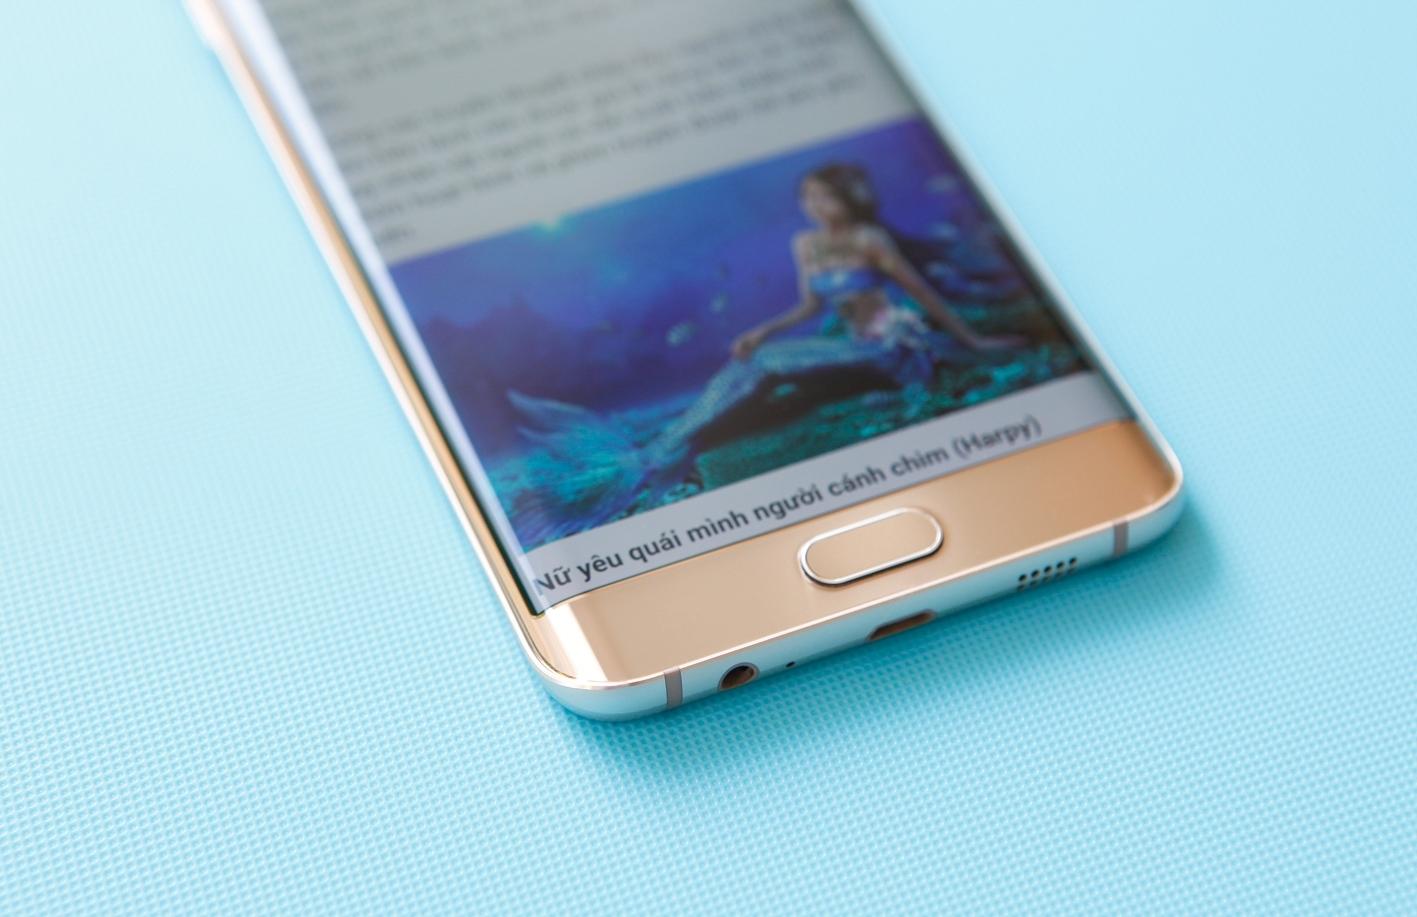 Galaxy S6 Edge Plus mành hình sống động